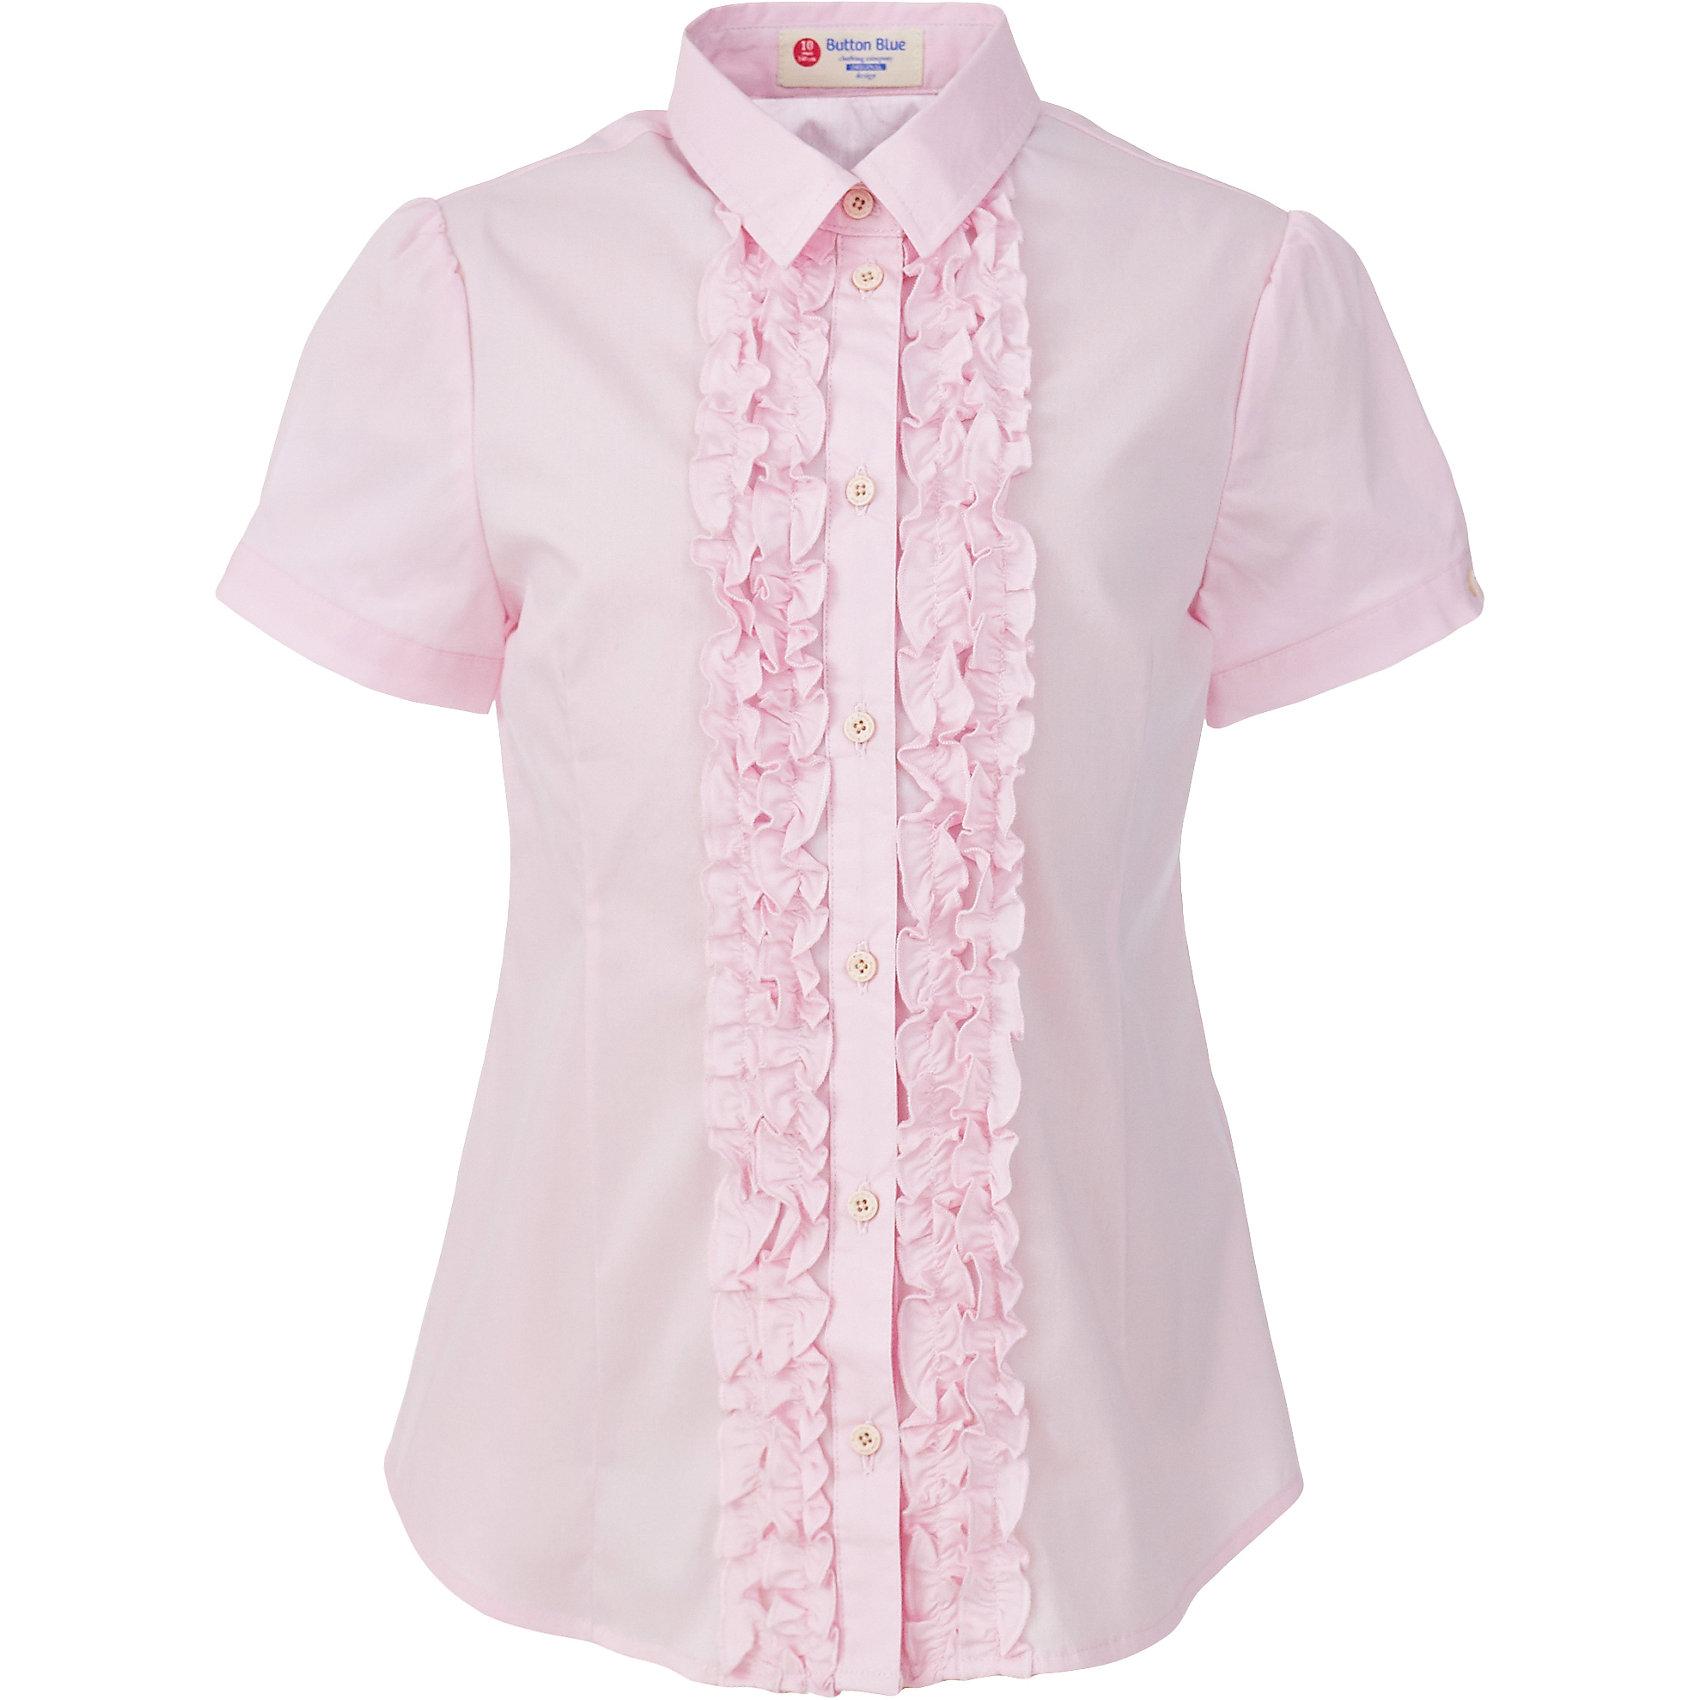 Блузка для девочки BUTTON BLUEБлузки и рубашки<br>Блузка для девочки BUTTON BLUE<br>Блузки для школы купить не сложно, но выбрать модель, сочетающую прекрасный состав, элегантный дизайн, привлекательную цену, не так уж и легко. Купить красивую школьную блузку для девочки недорого возможно, если это блузка от Button Blue! Нарядная розовая   блузка сделает каждый день ребенка комфортным!<br>Состав:<br>62% хлопок,  35%нейлон,                3% эластан<br><br>Ширина мм: 186<br>Глубина мм: 87<br>Высота мм: 198<br>Вес г: 197<br>Цвет: розовый<br>Возраст от месяцев: 72<br>Возраст до месяцев: 84<br>Пол: Женский<br>Возраст: Детский<br>Размер: 122,164,158,140,134,128,152,146<br>SKU: 6739357